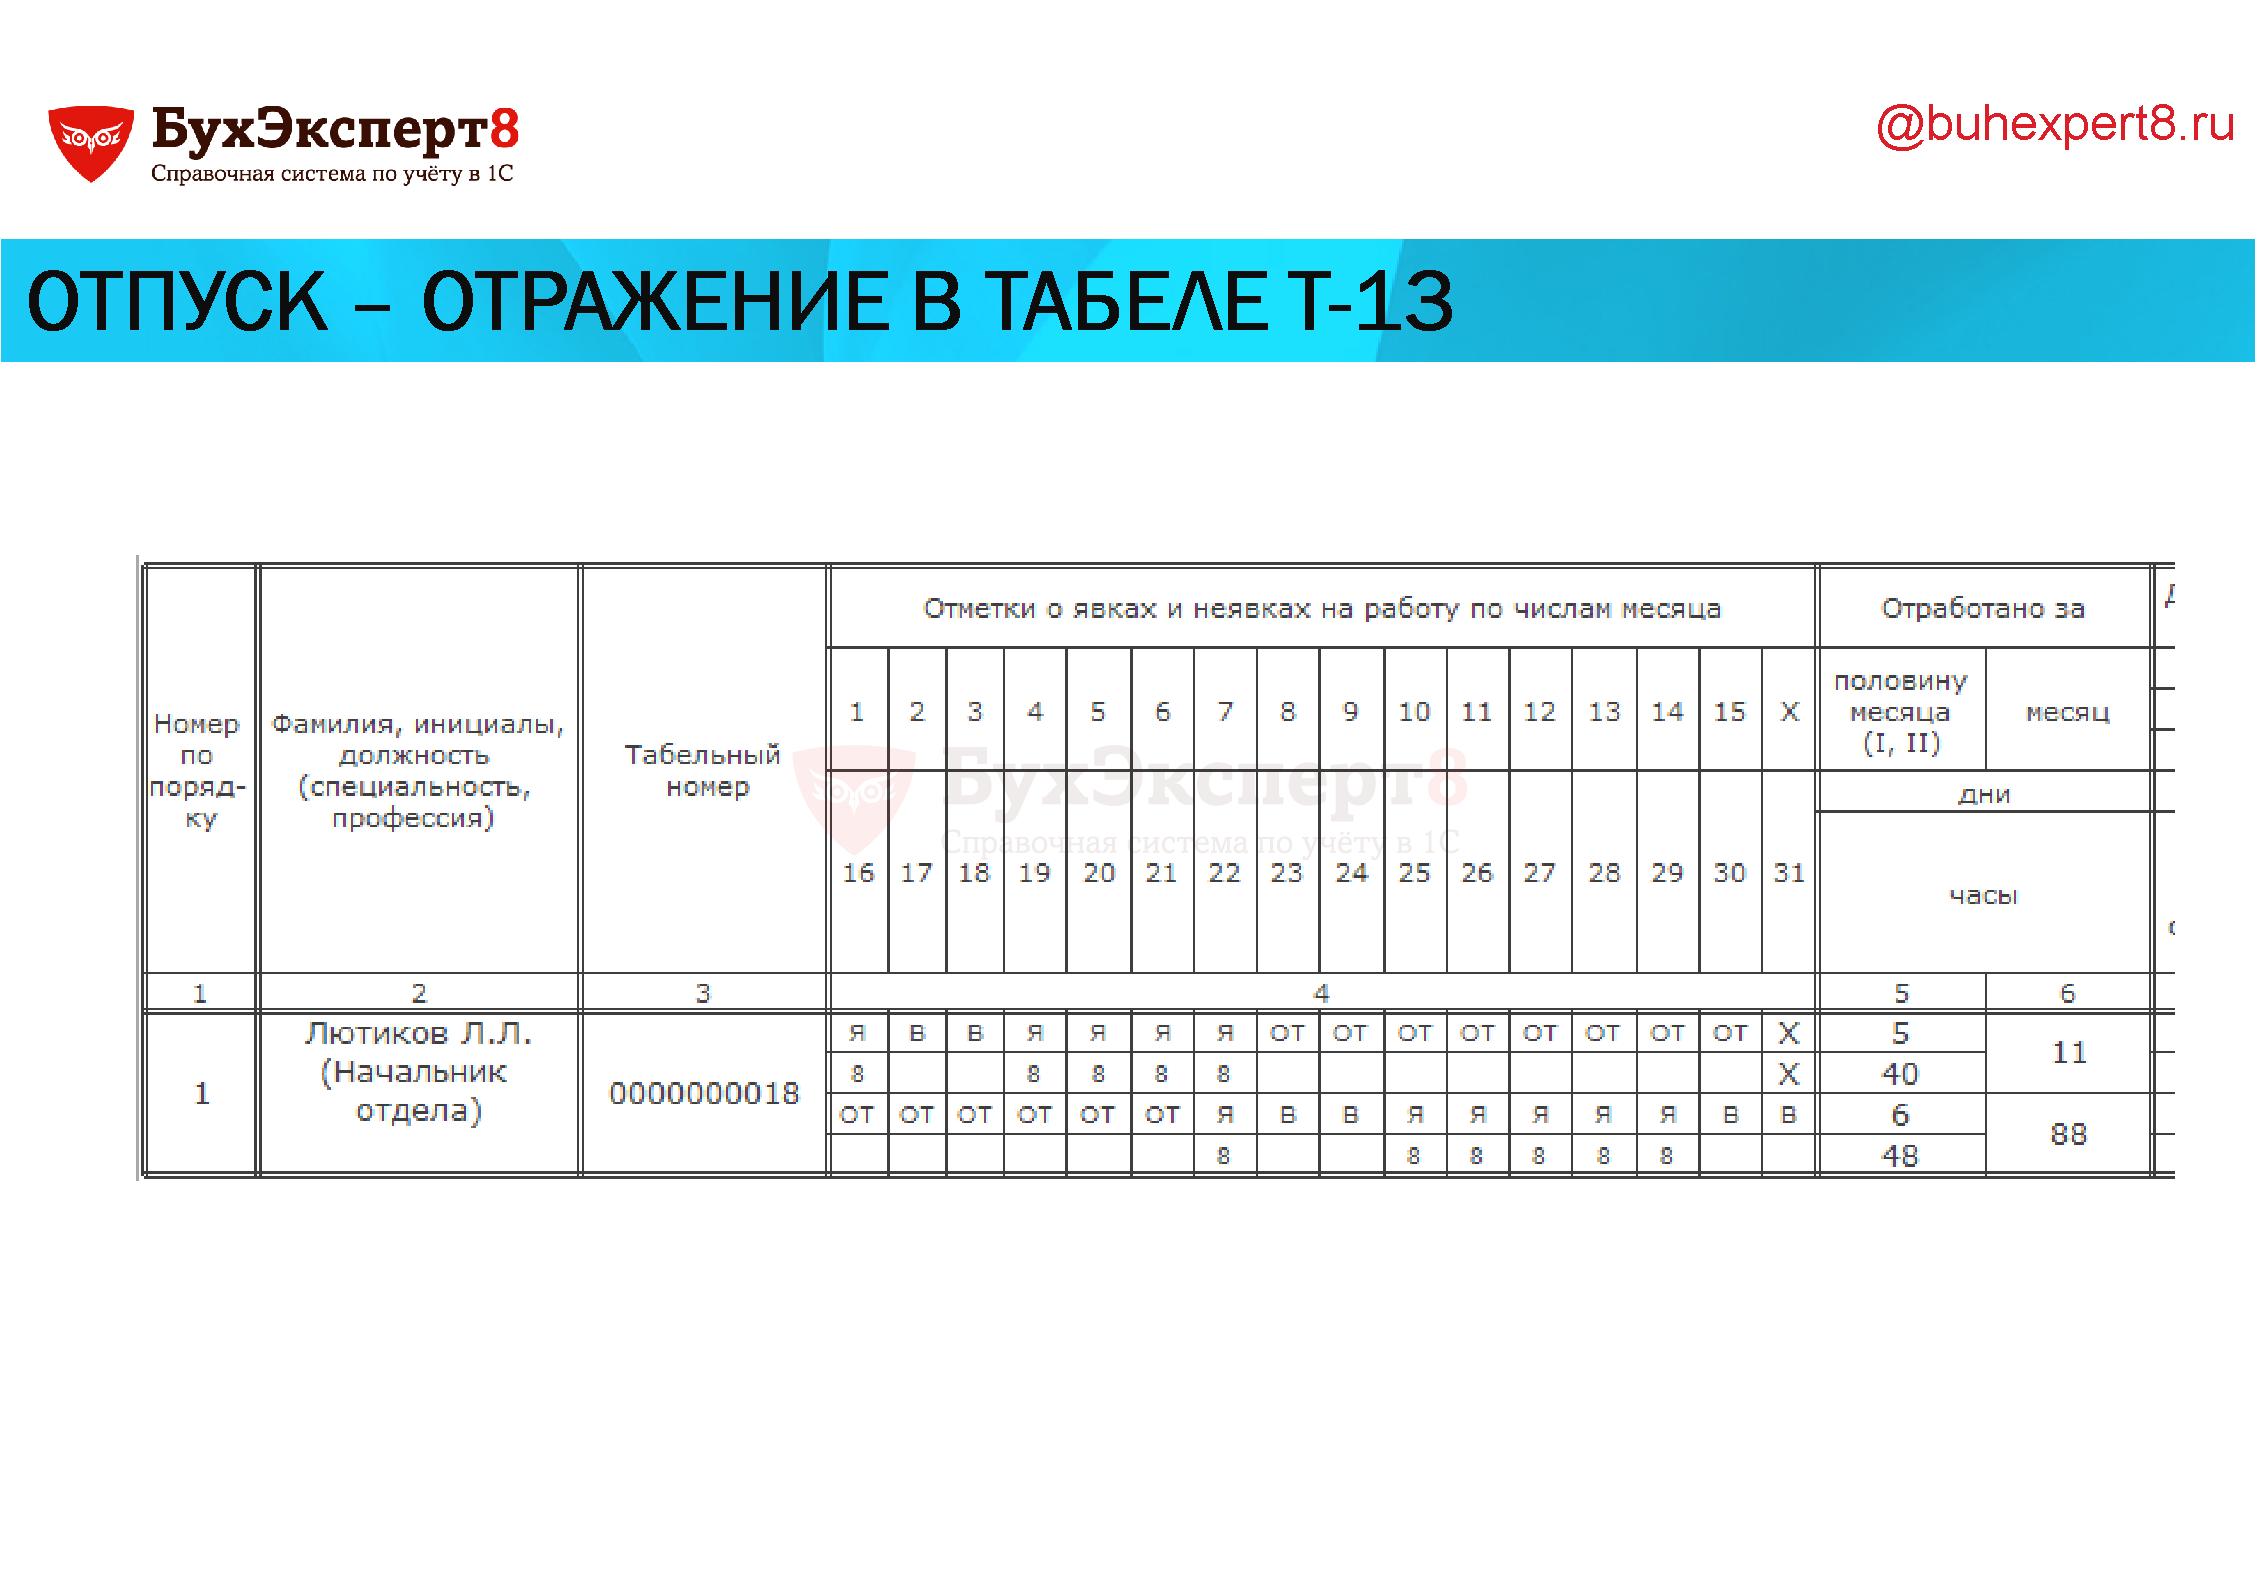 Отпуск – отражение в табеле Т-13